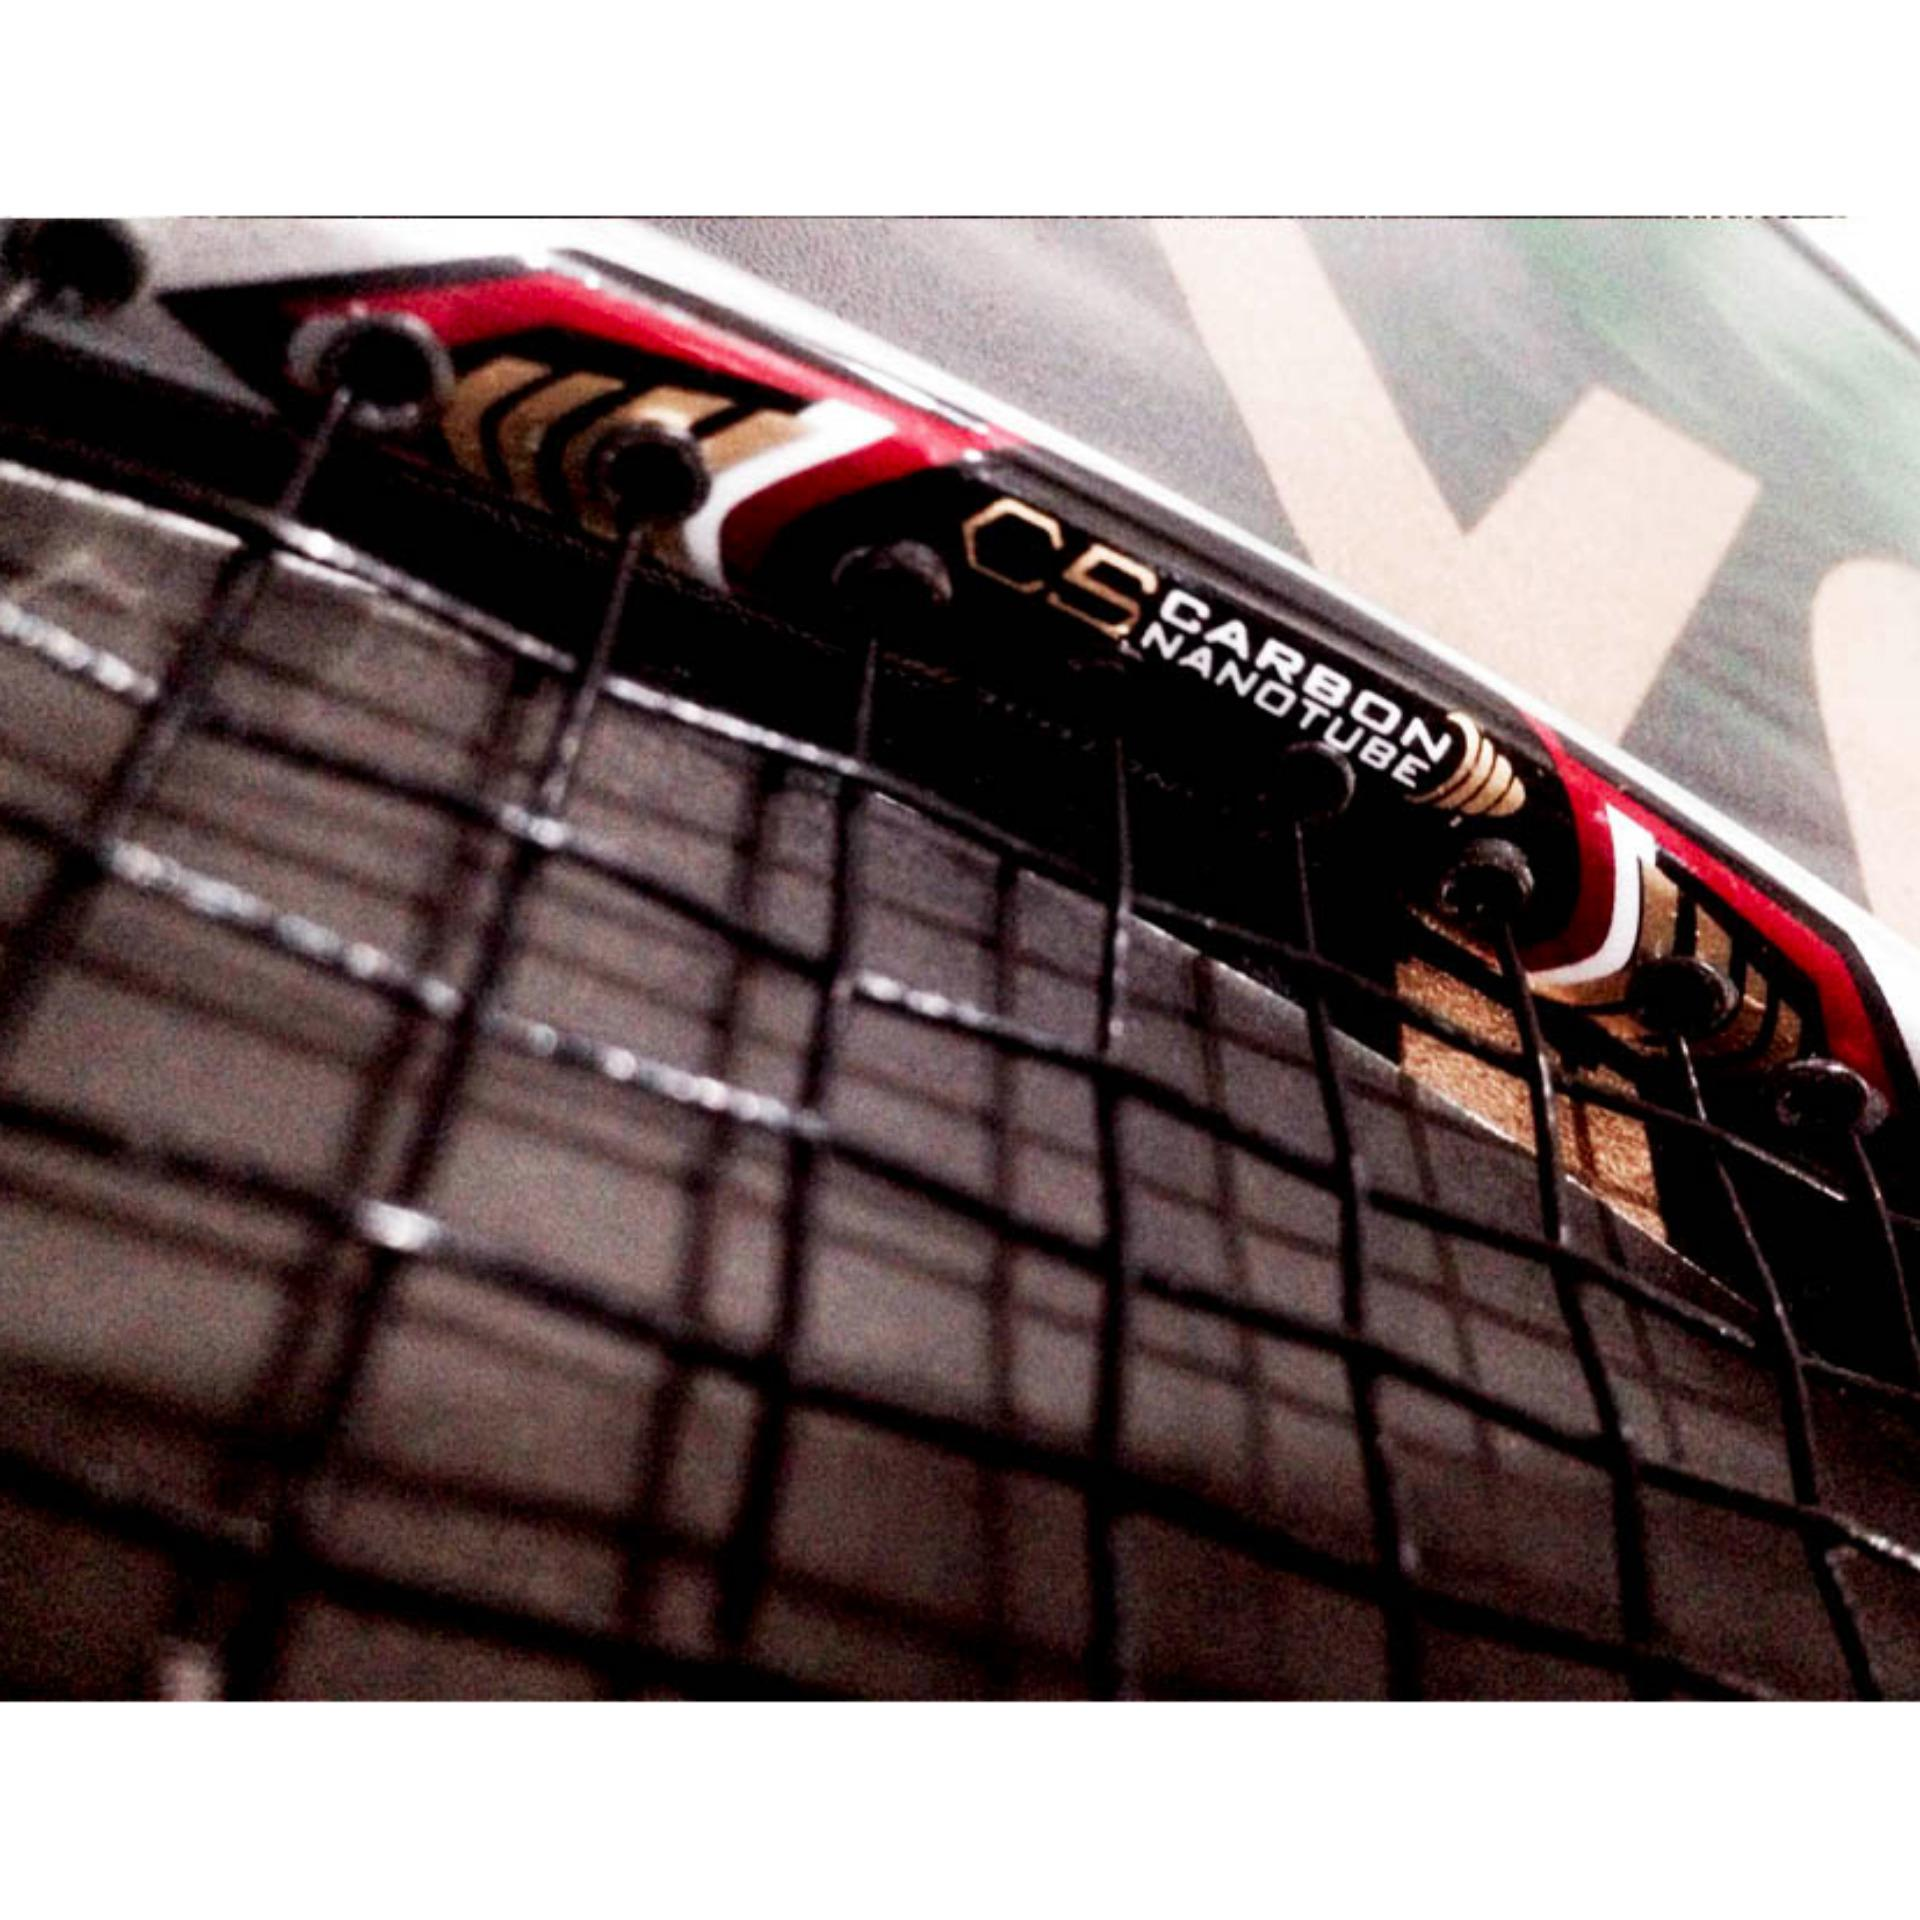 NEW Yonex Arcsaber 8 DX BLACK Series Raket Badminton ...